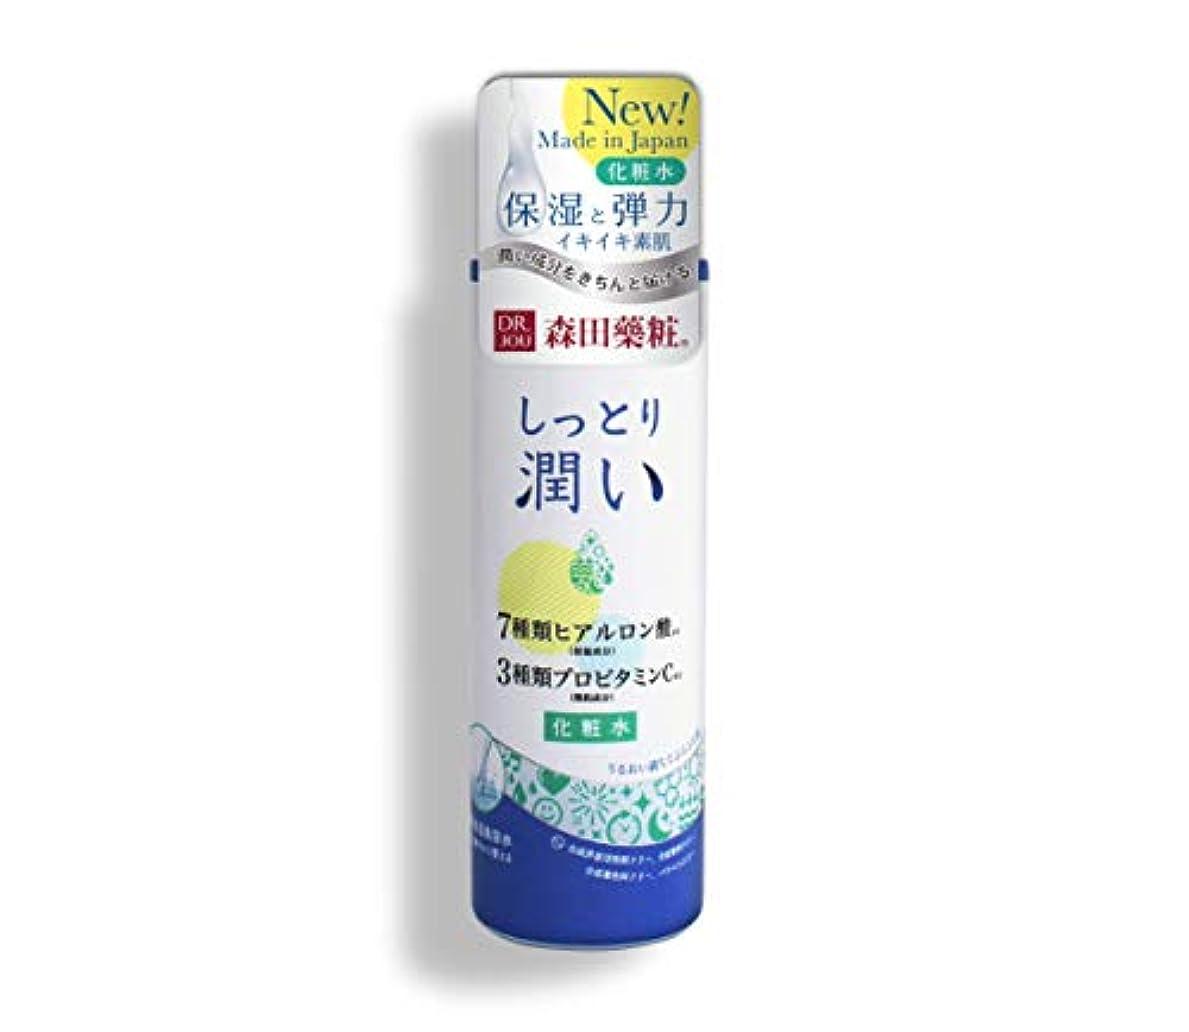 販売計画スムーズにいつか【森田薬粧】DR.JOU しっとり 潤い 化粧水 (170ml)